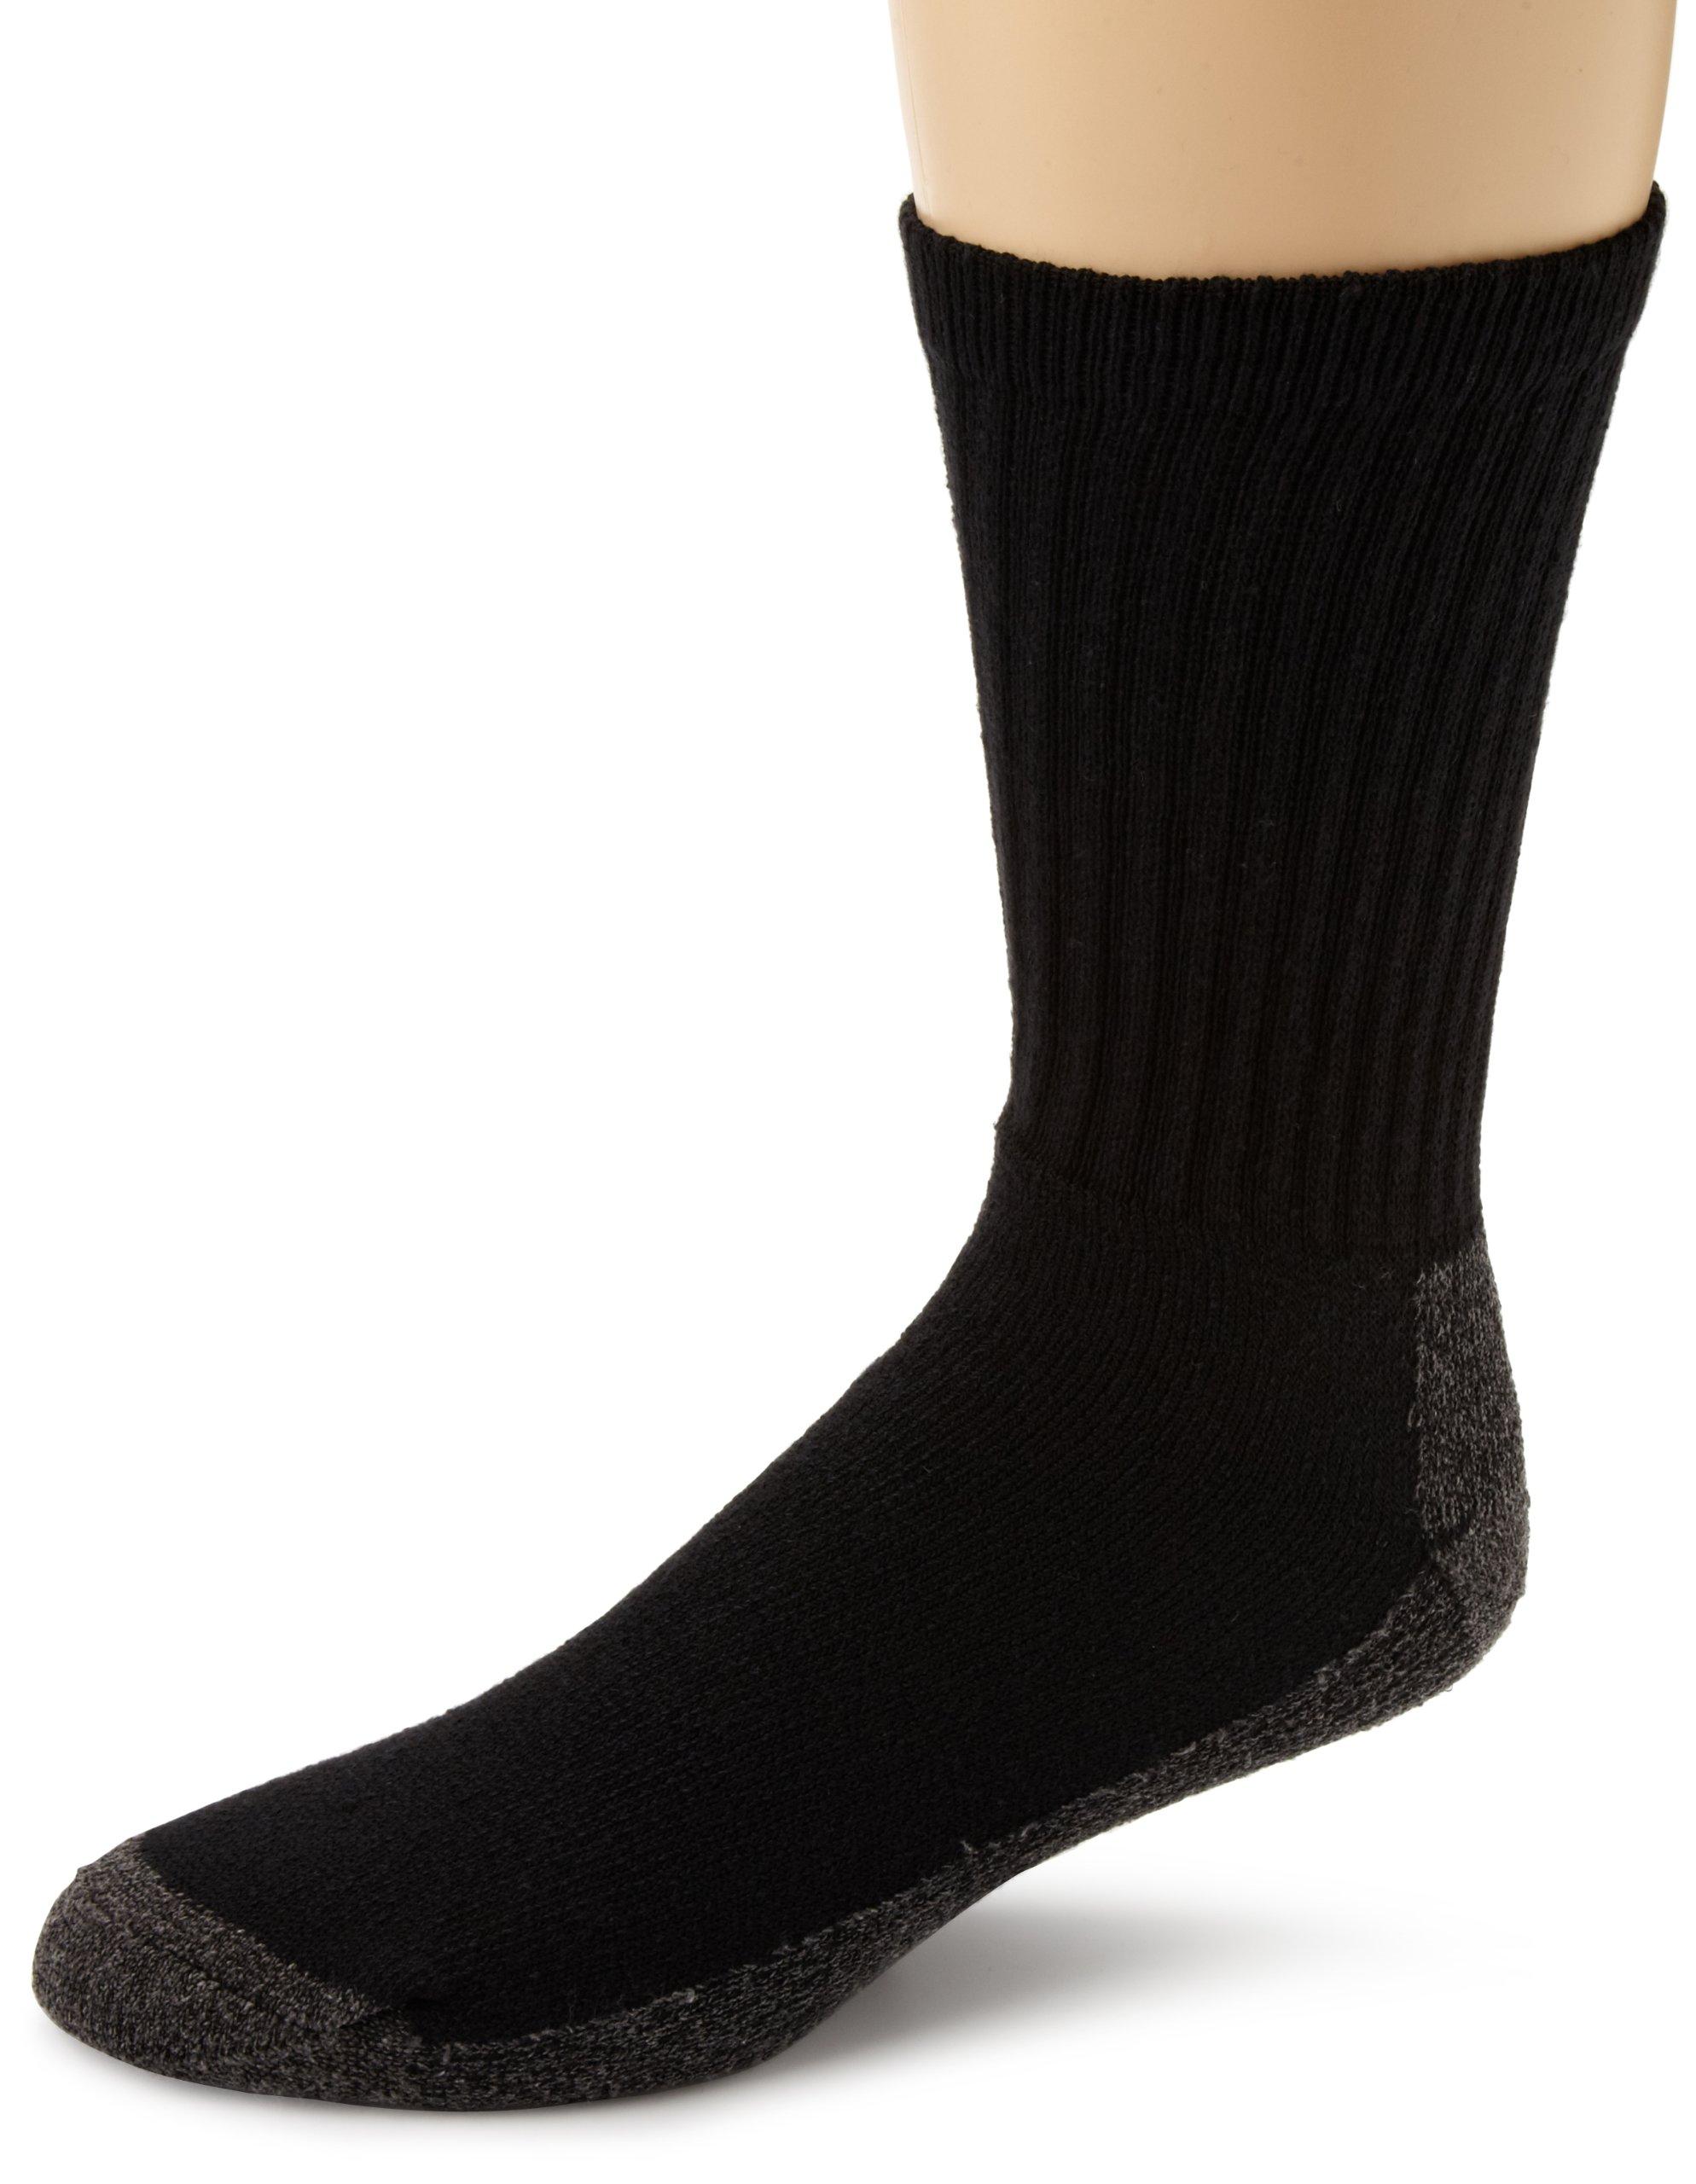 Wigwam Men's At Work 3-Pack Socks